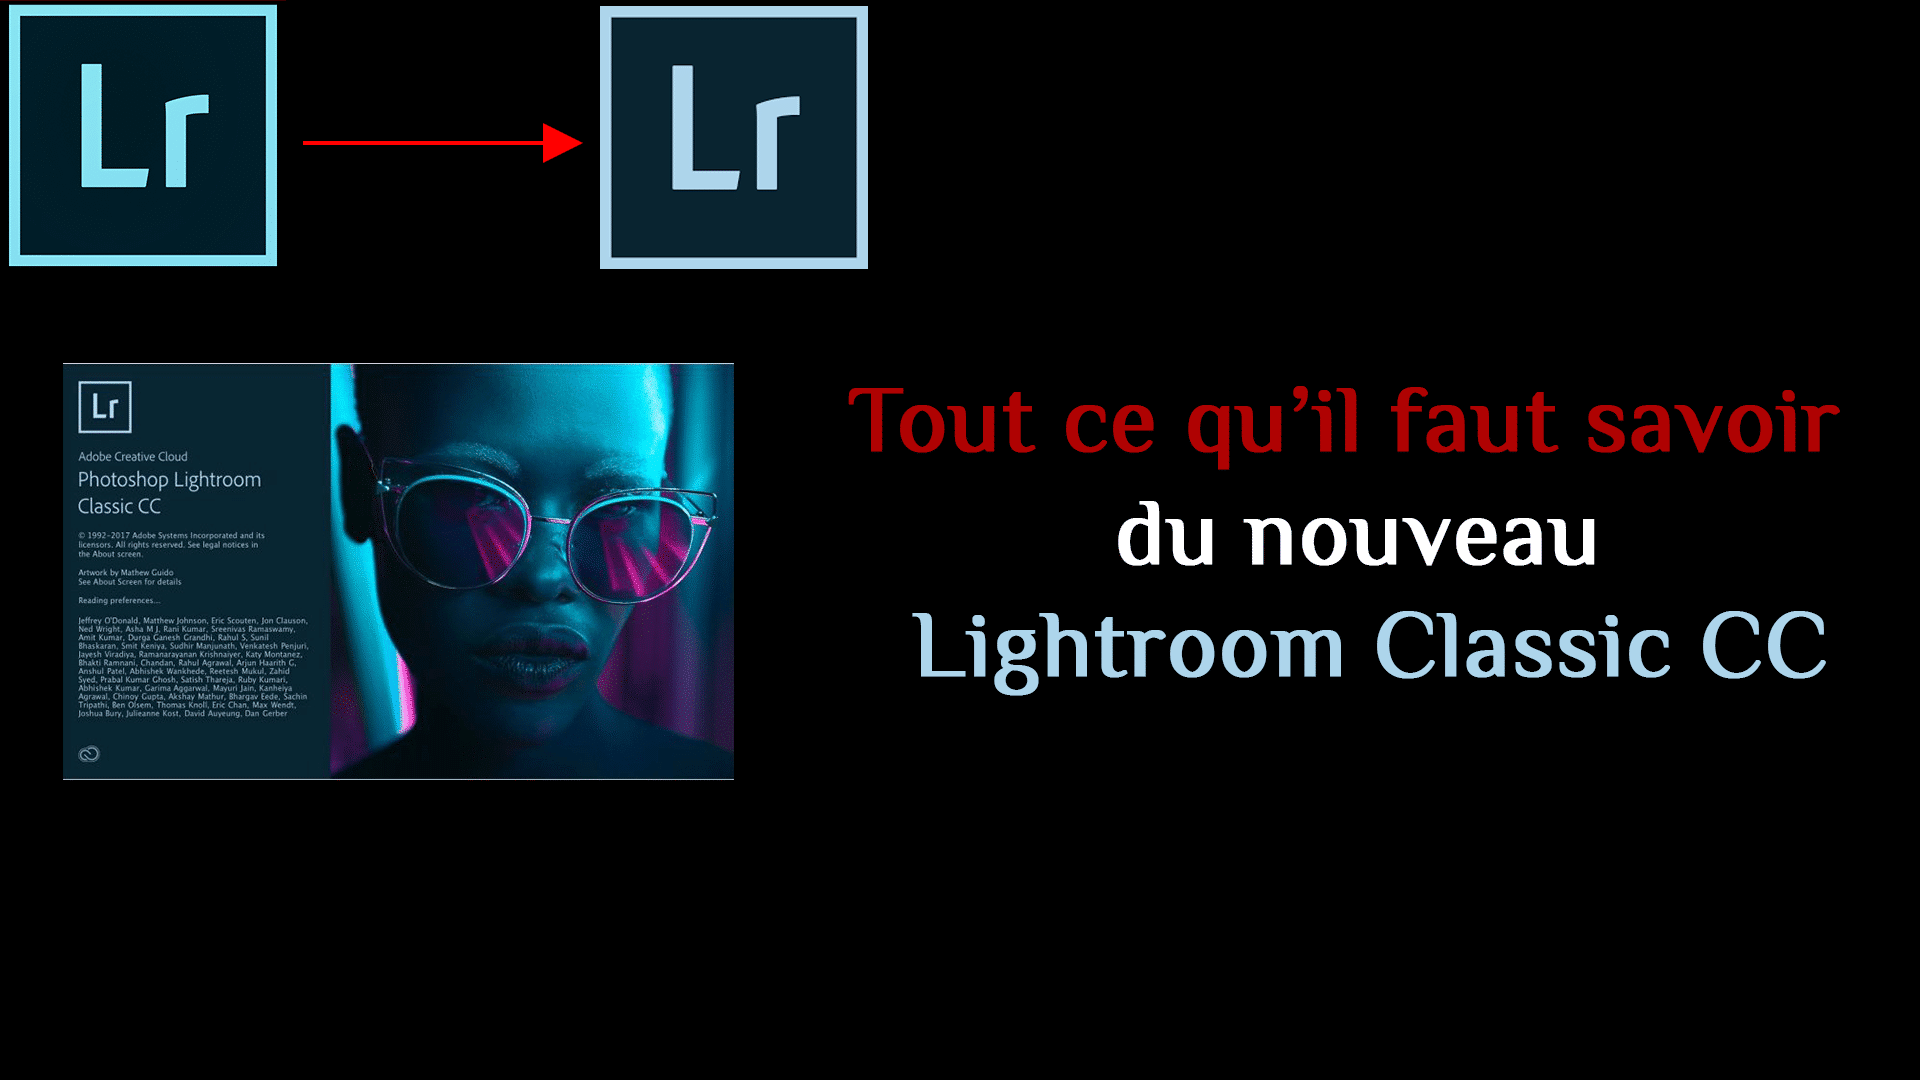 CLATM-LightroomClassicCC